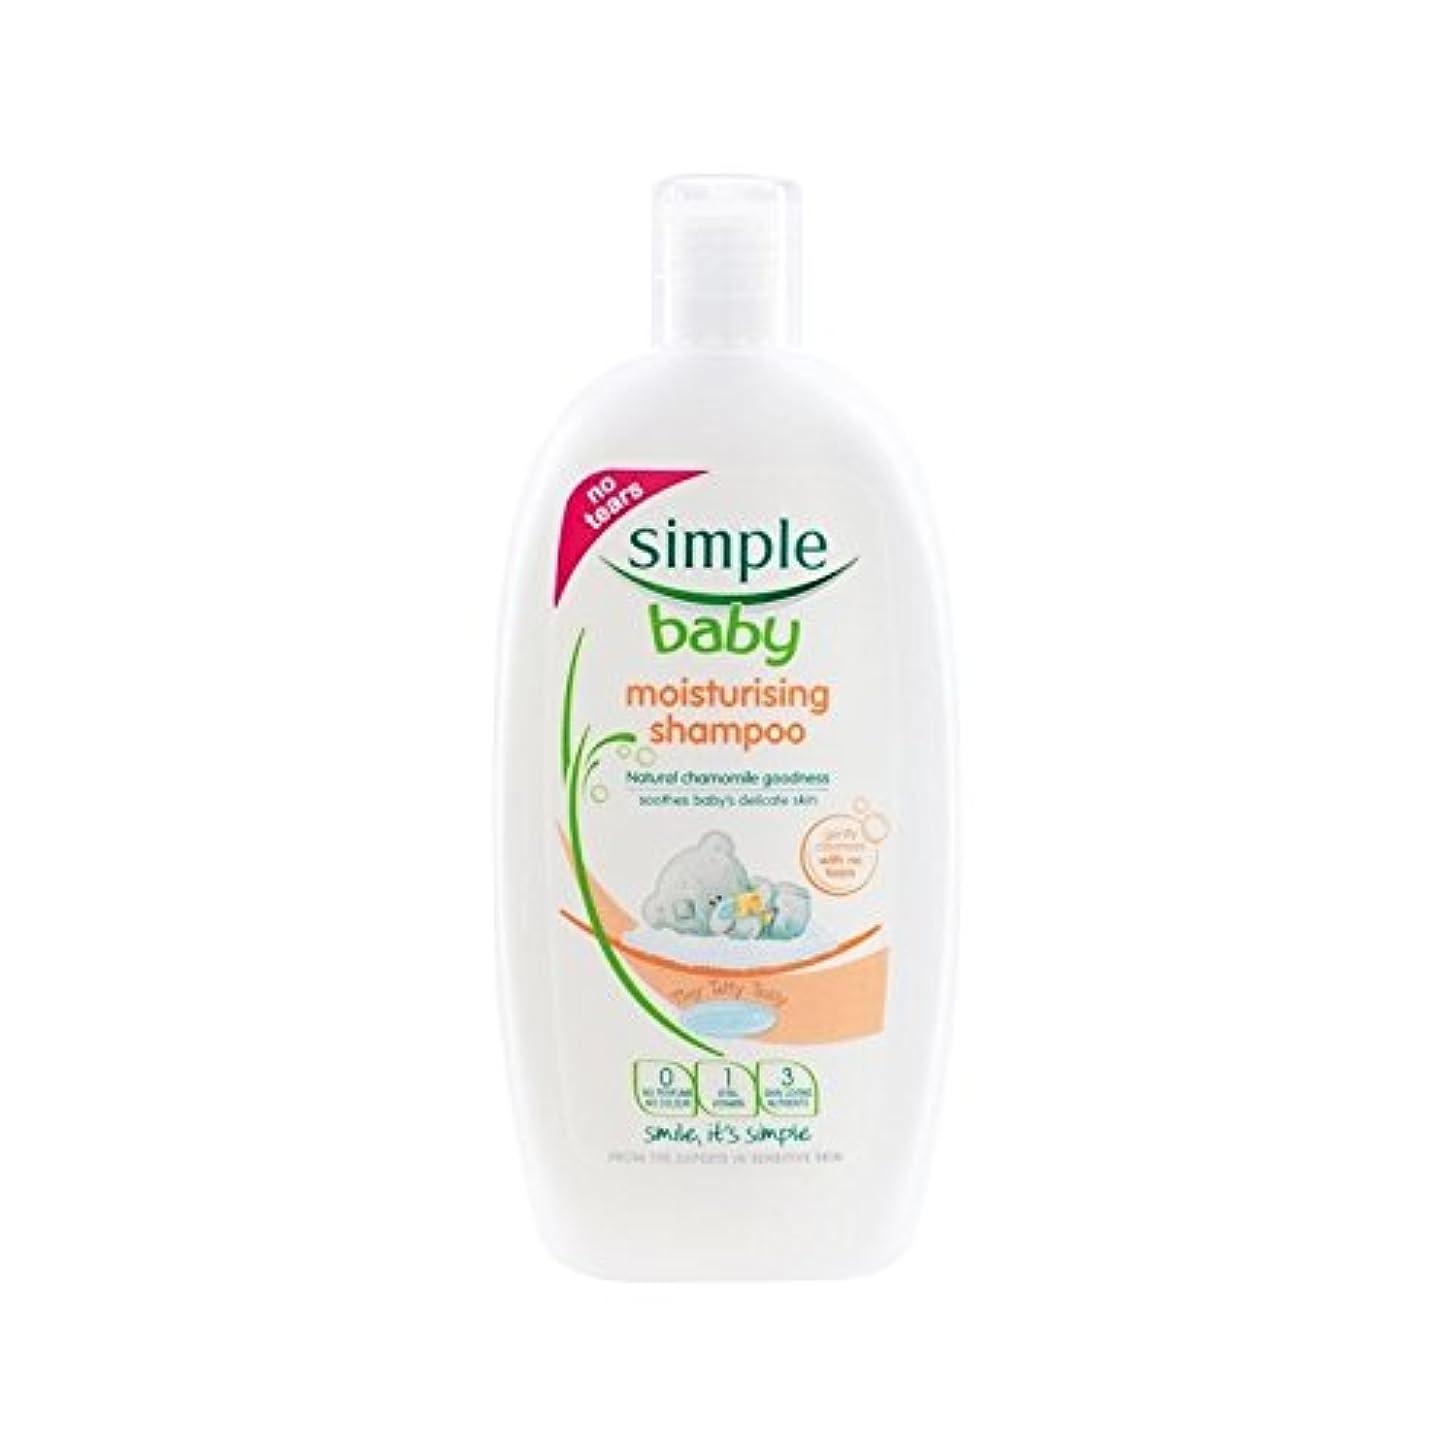 バーガーアシュリータファーマン勤勉なベビー保湿シャンプー300ミリリットル (Simple) (x 6) - Simple Baby Moisturising Shampoo 300ml (Pack of 6) [並行輸入品]